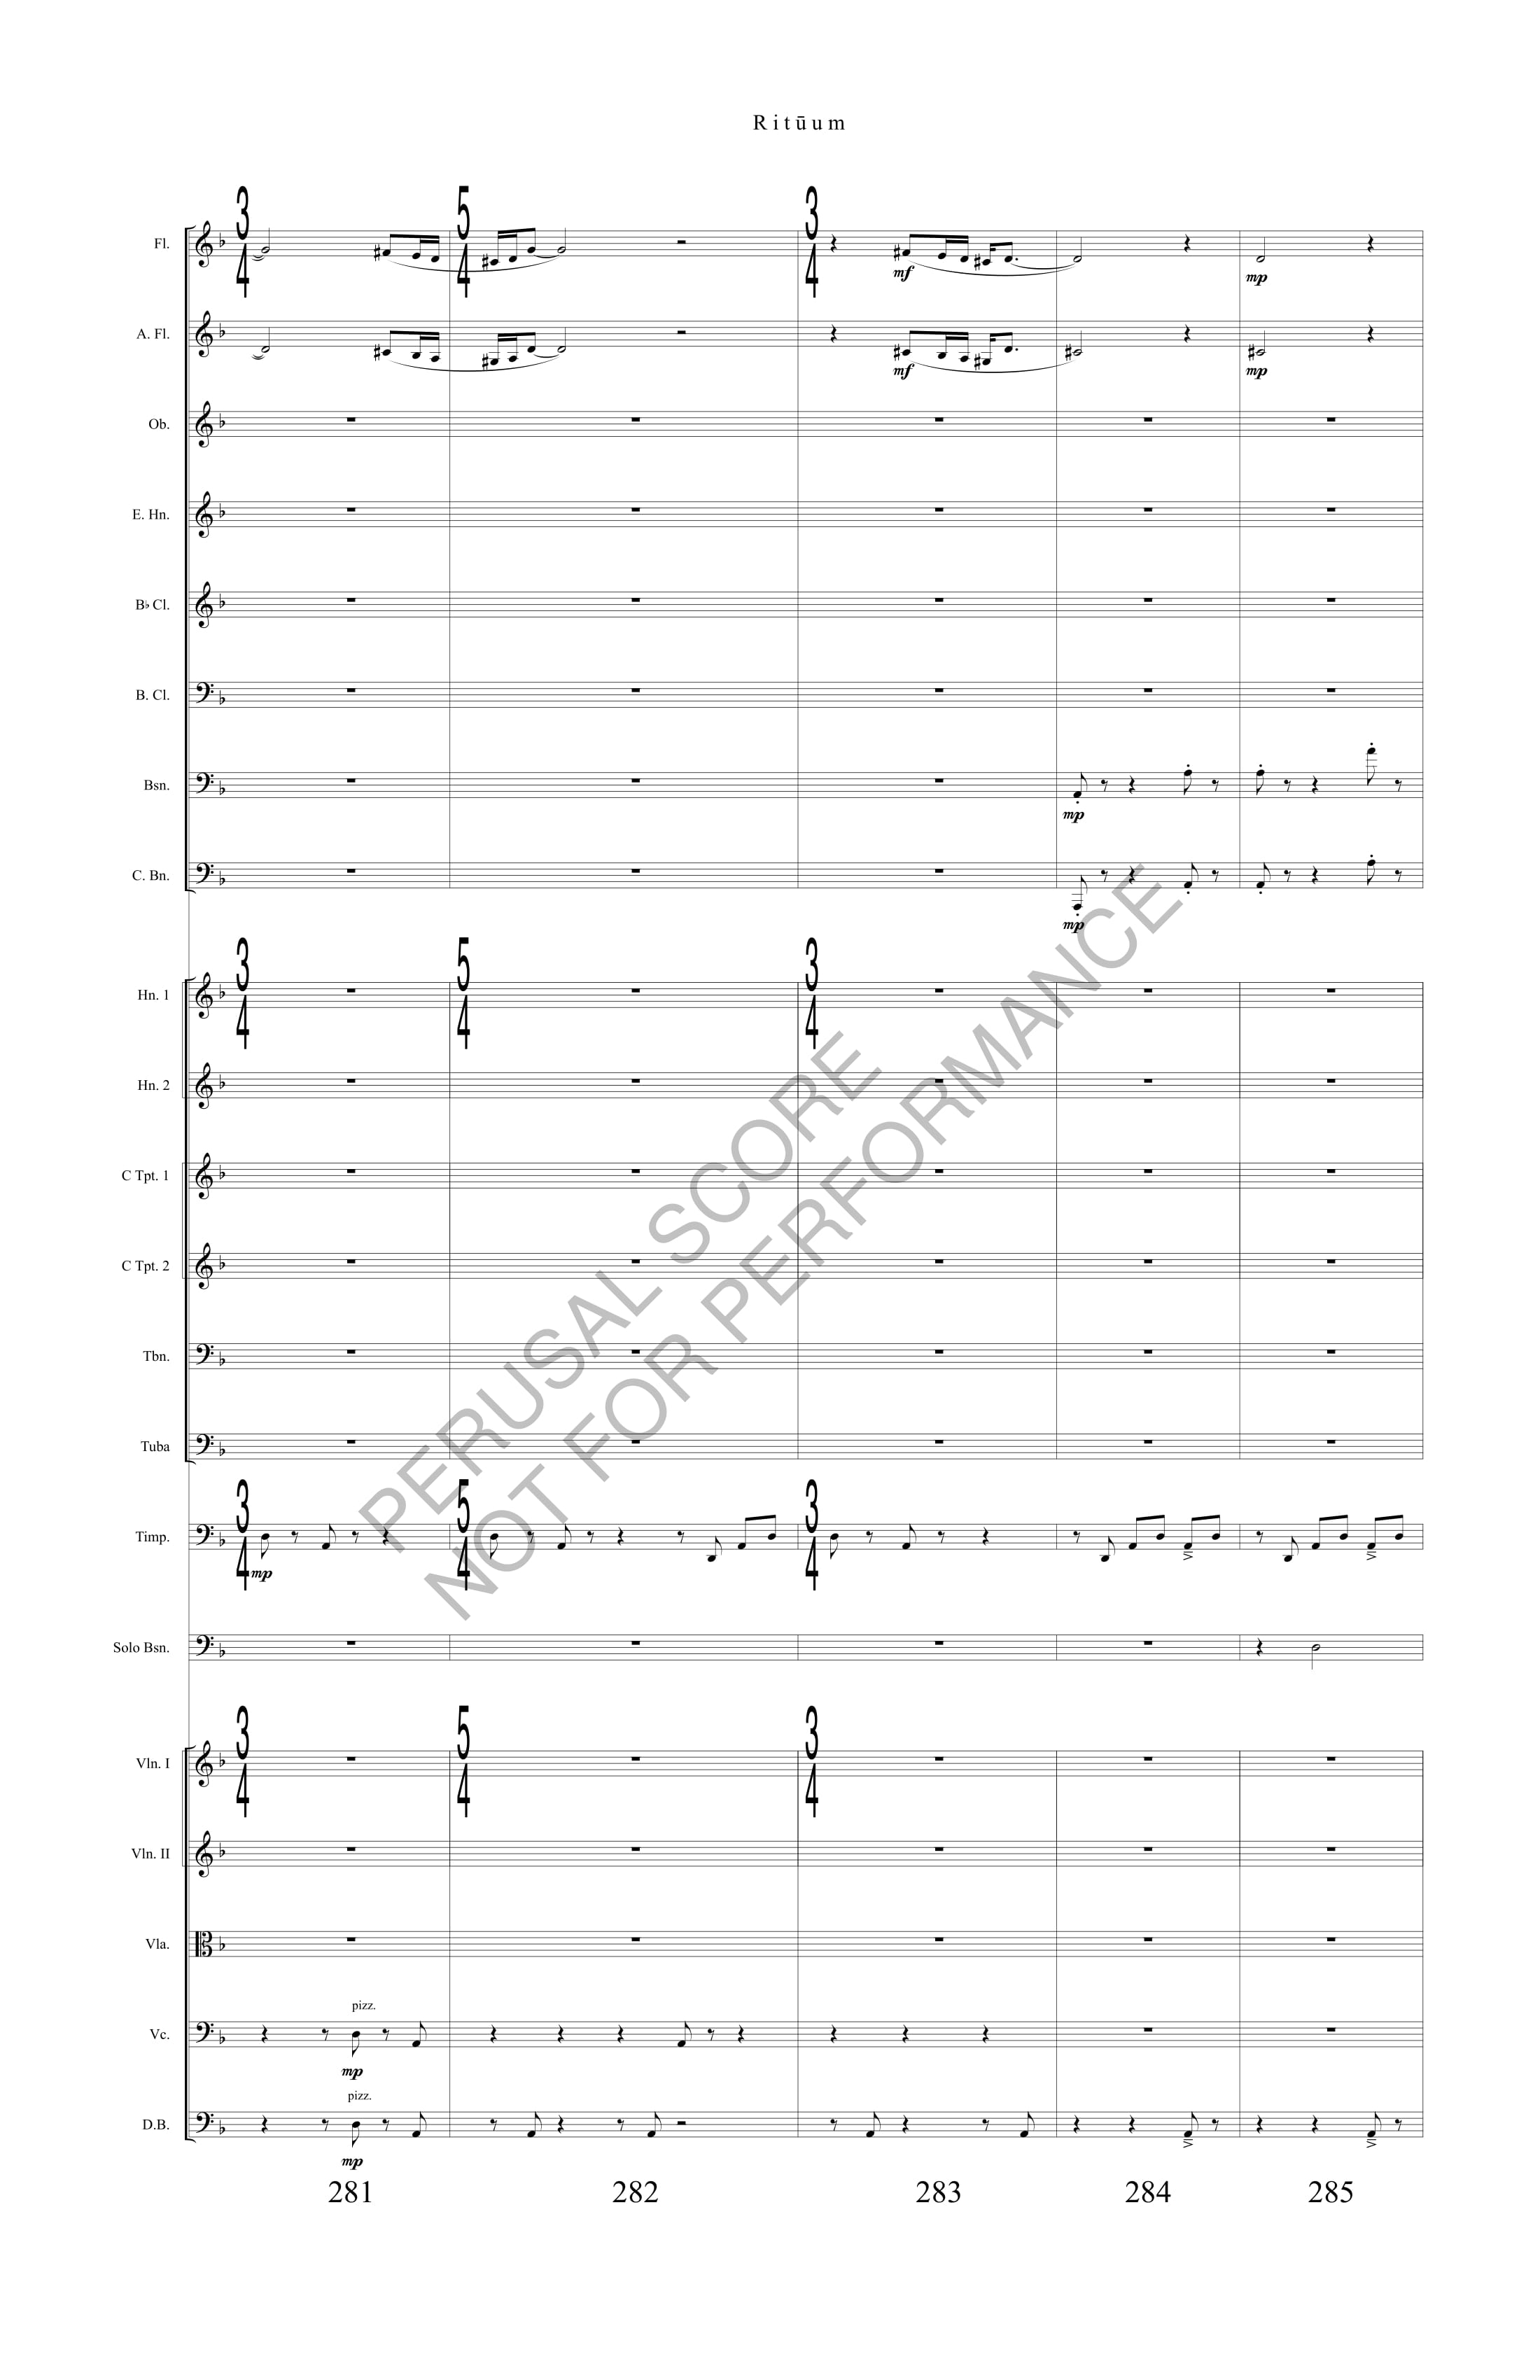 Boyd Rituum Score-watermark (1)-65.jpg